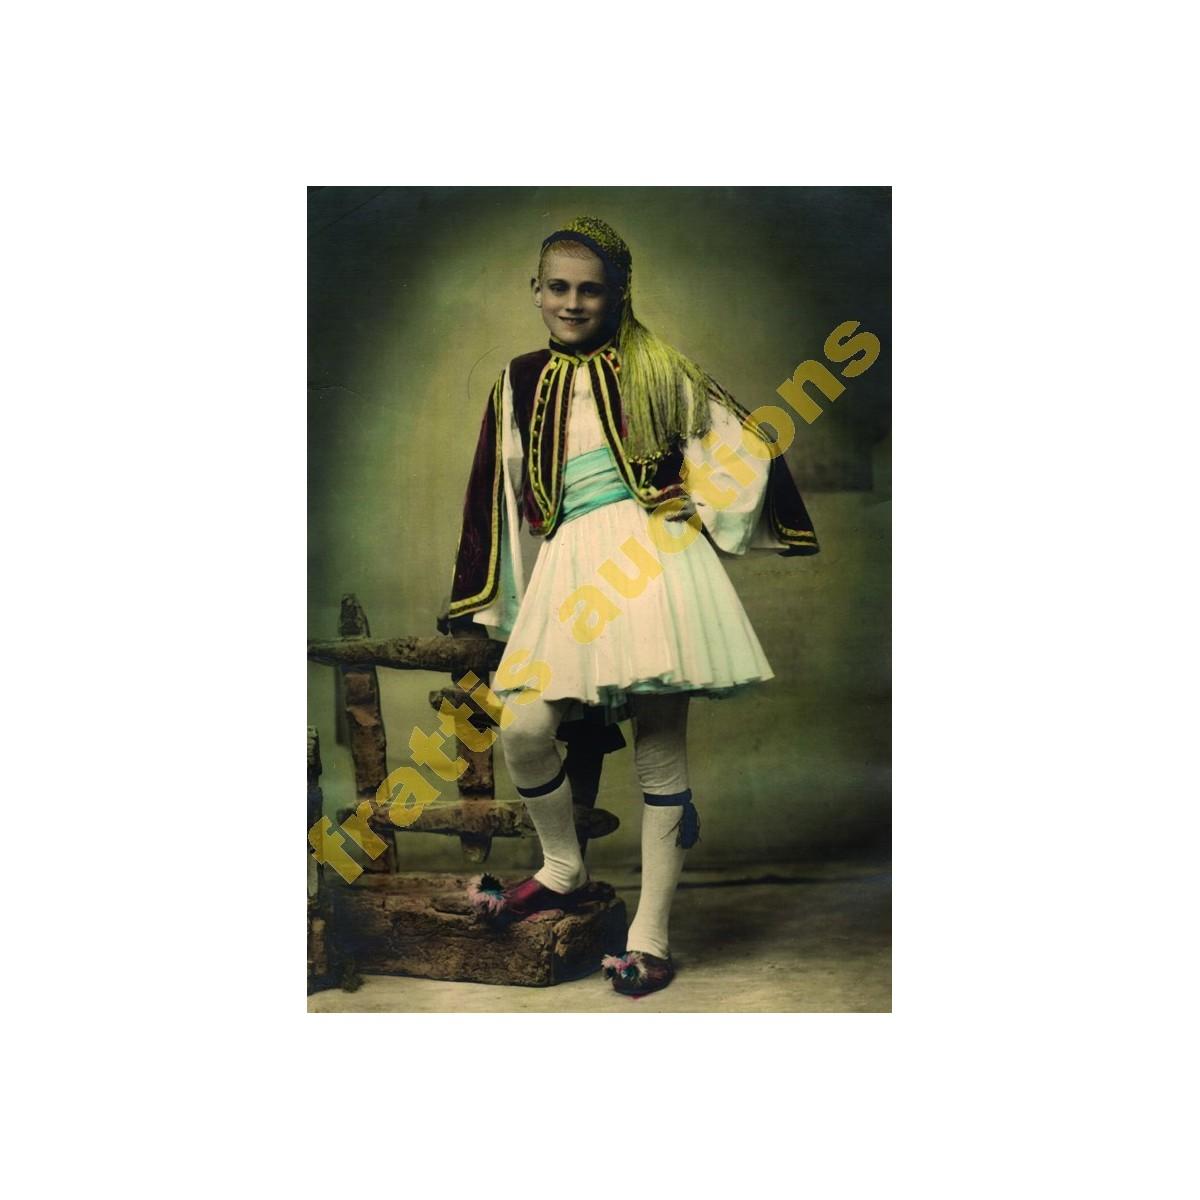 Ζημέρης, επιχρωματισμένη φωτογραφία του 1950.